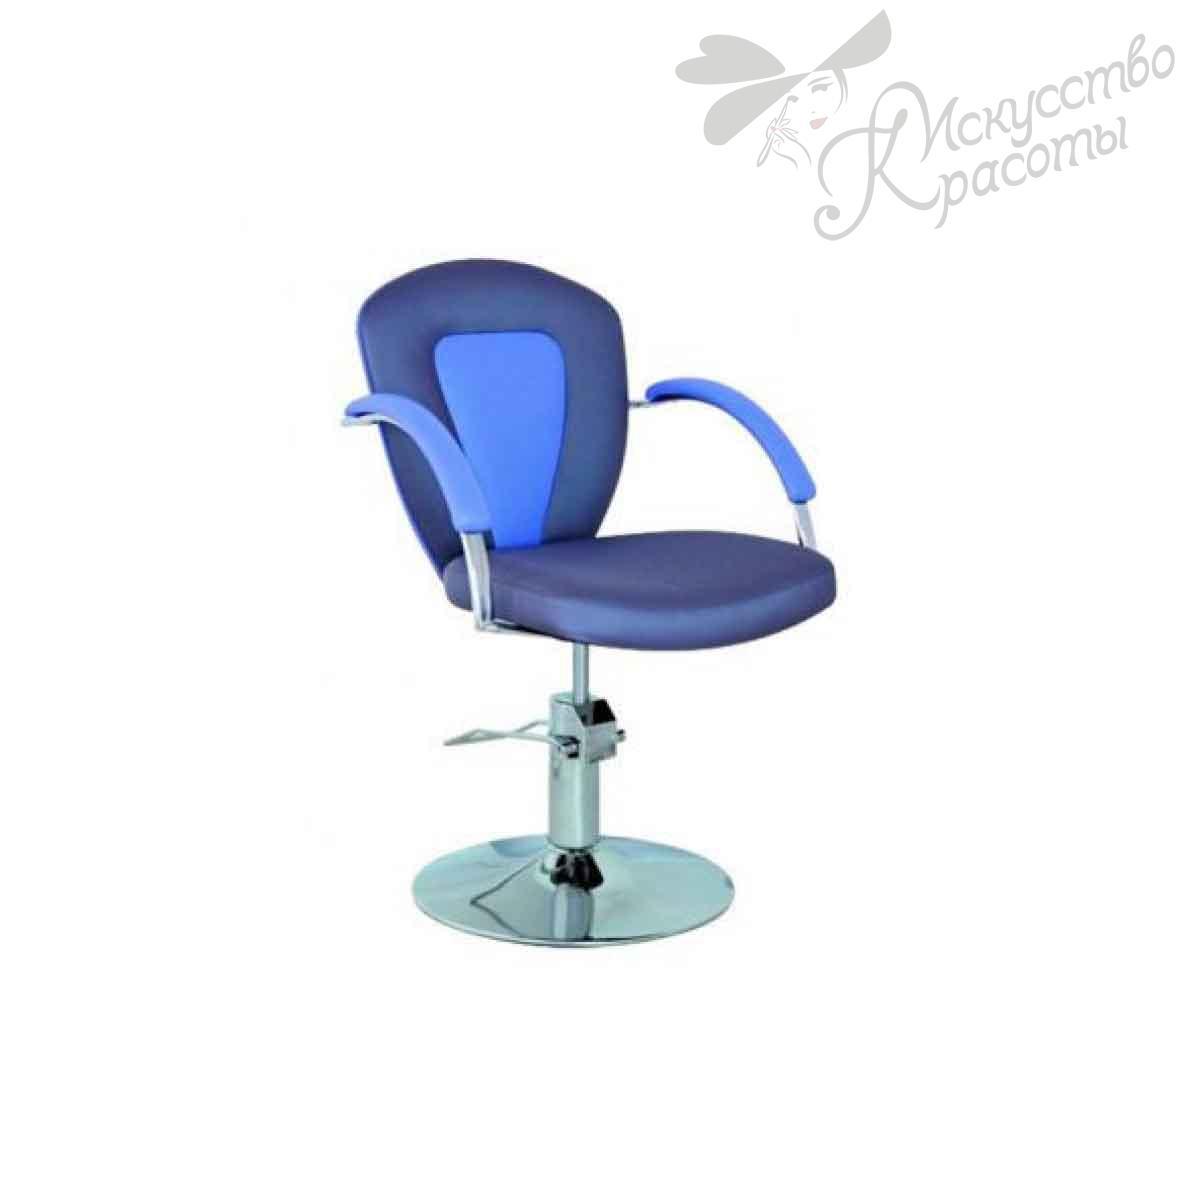 Парикмахерское кресло Грета пневматика